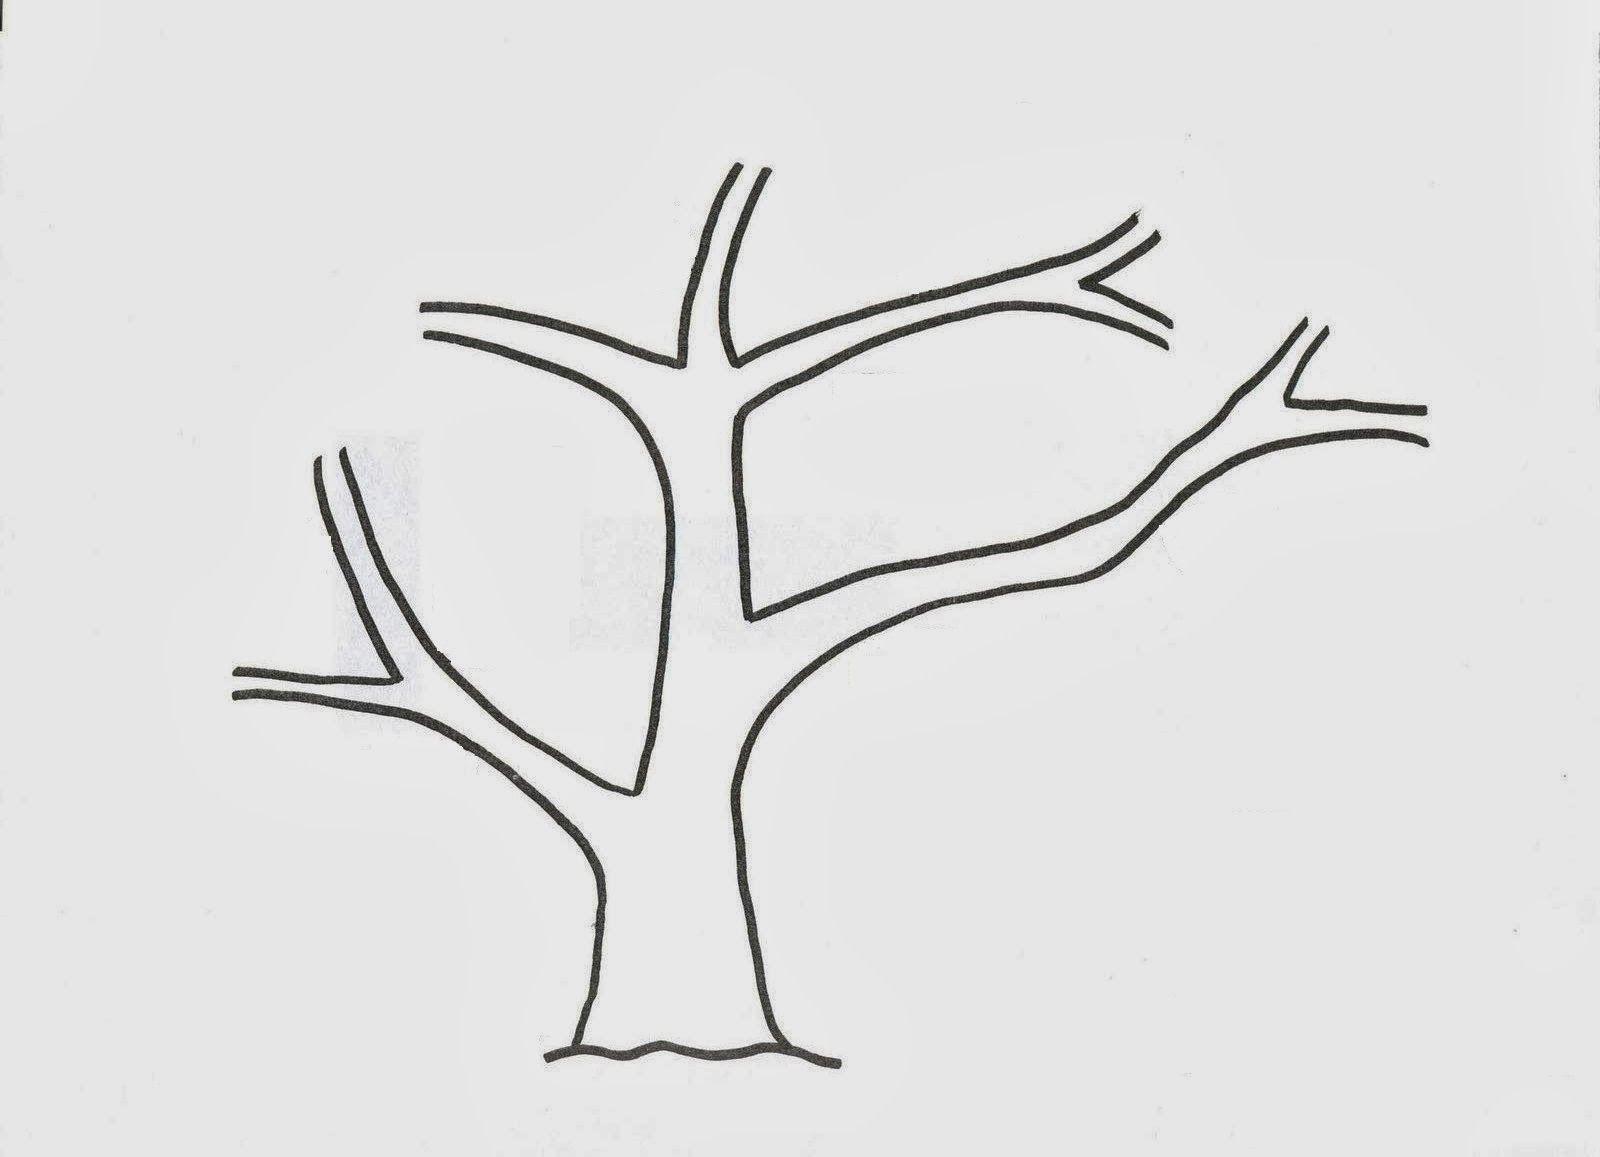 Molde de arbol   ✏(M)✓   Pinterest   Molde, Árboles de otoño y Otoño